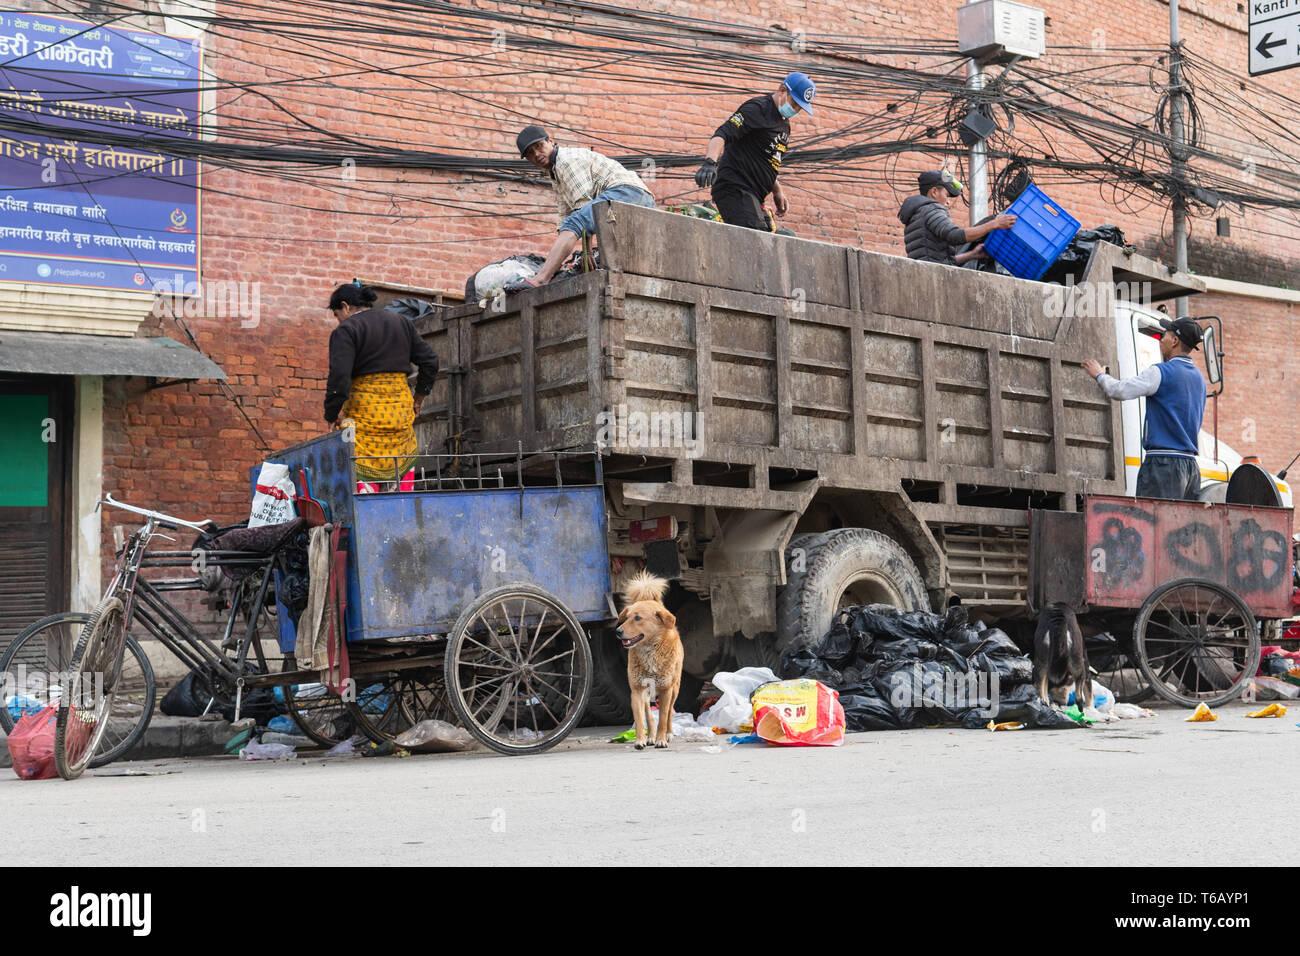 Kathmandu, Nepal - April 20th, 2019 - Müllsammler und Hunde Sortieren durch Berge von Müll in den frühen Morgenstunden auf der Straße. Stockbild